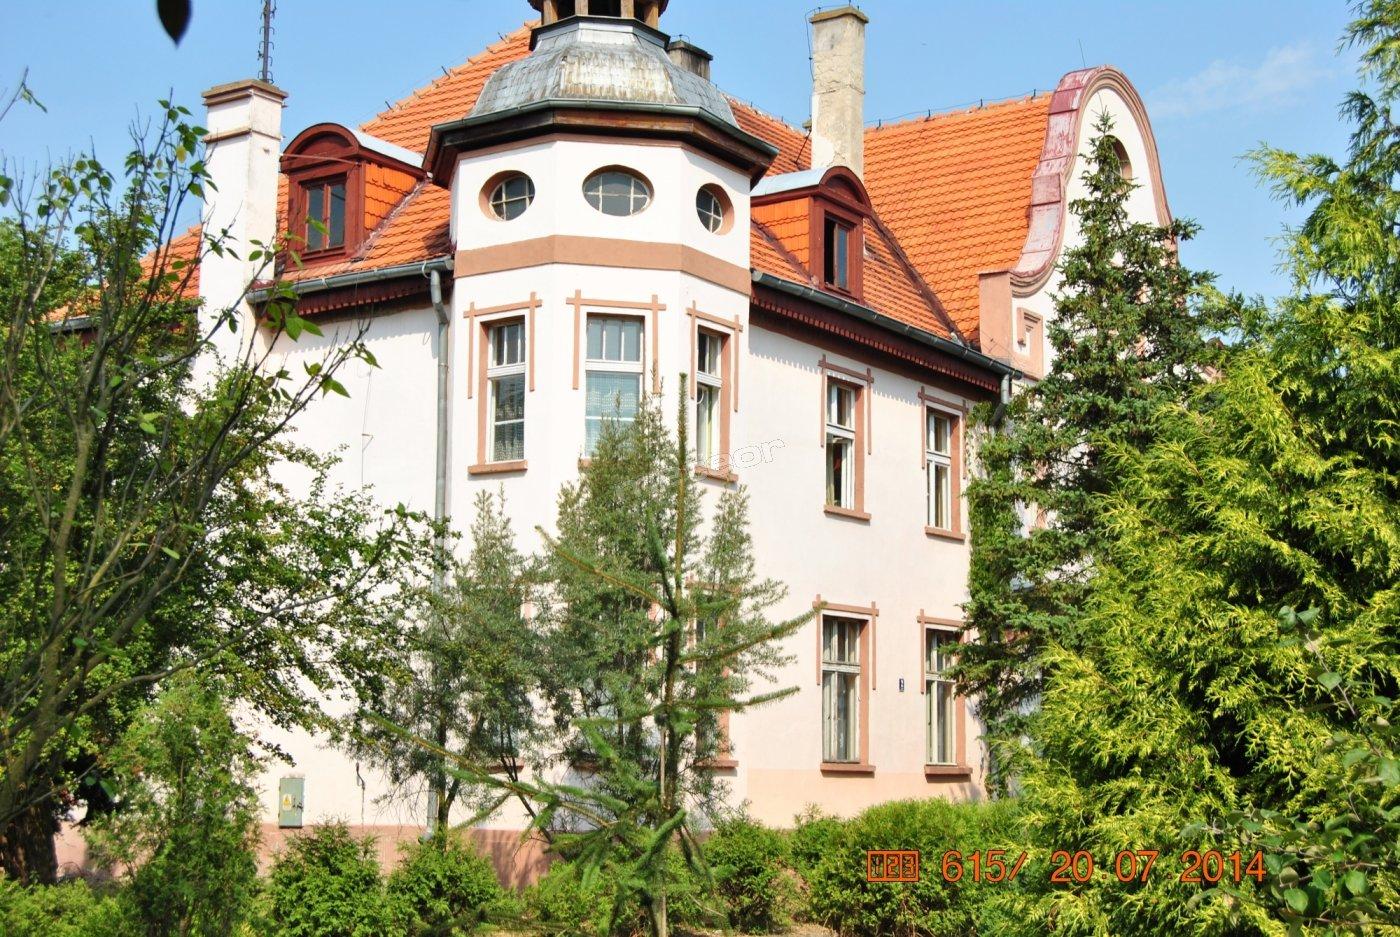 Pałac Wola Stanomińska